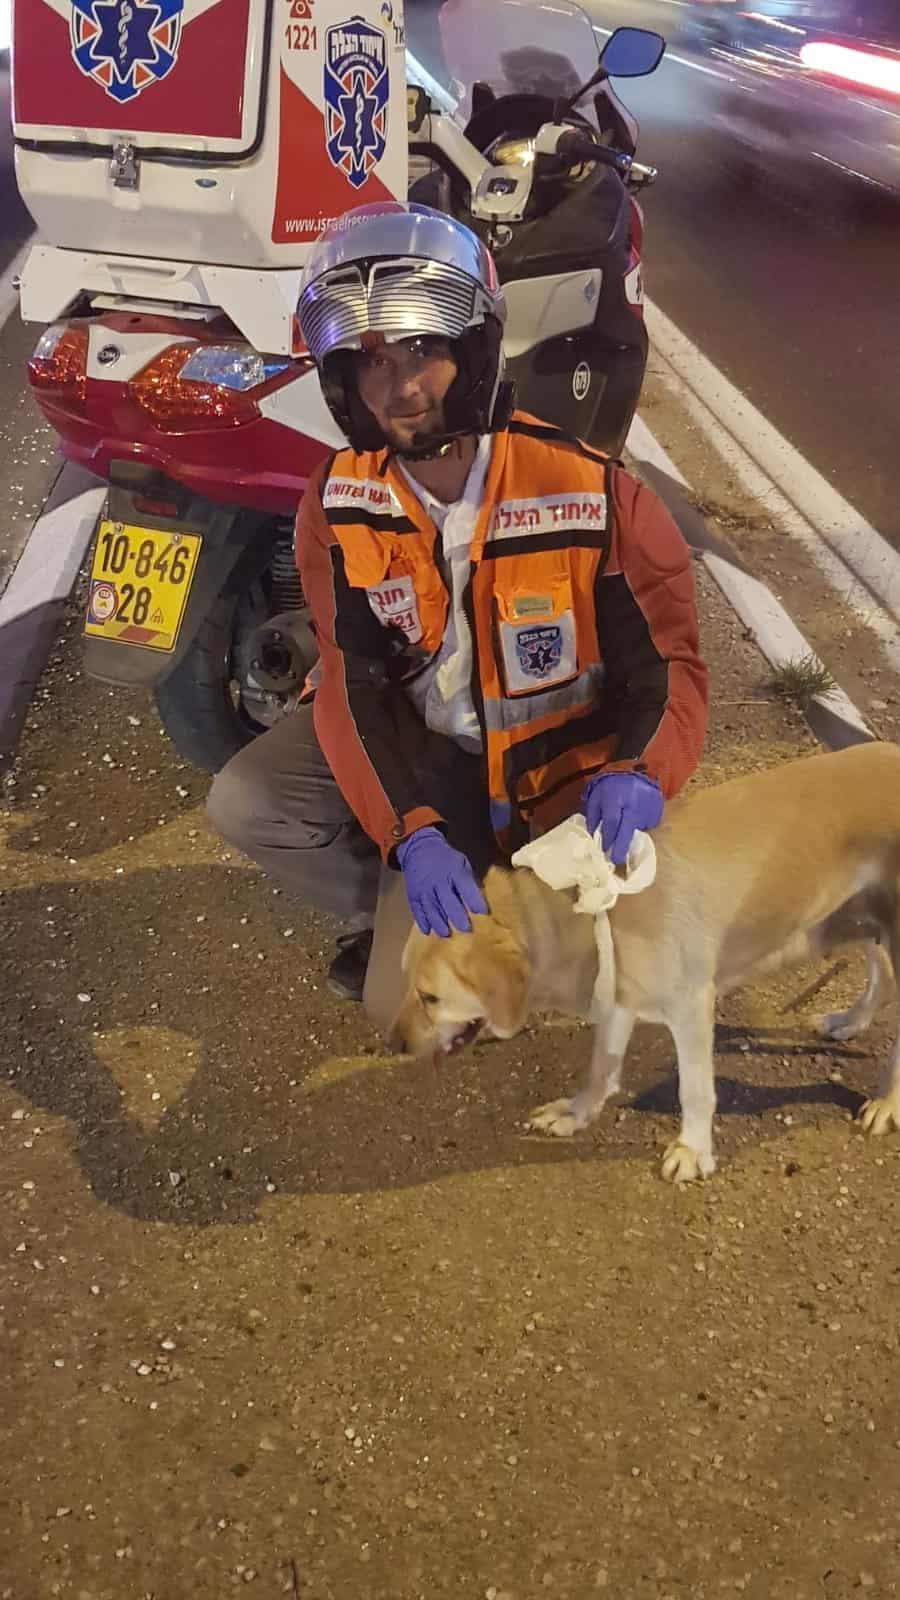 חובש איחוד הצלה עם הכלב בכביש 4 הלילה, צילום: באדיבות דוברות איחוד הצלה